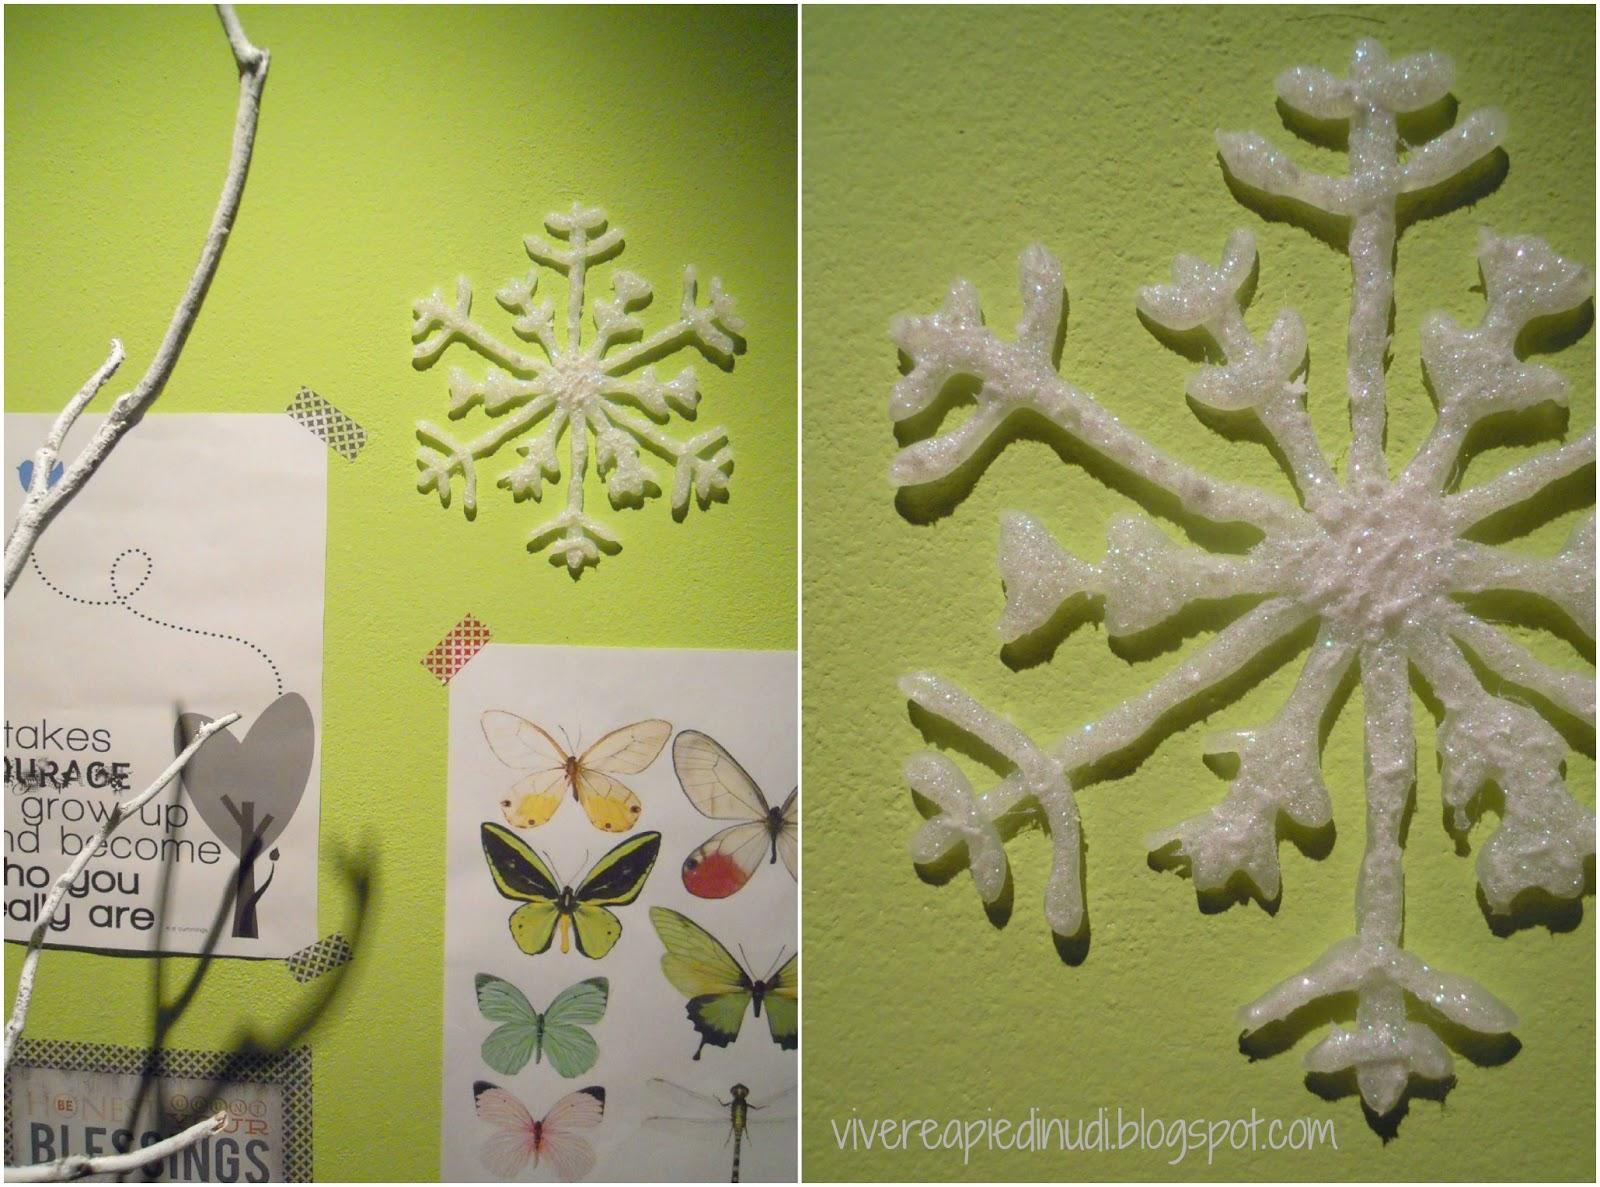 Fiocchi Di Neve Di Carta Fai Da Te : Vivere a piedi nudi living barefoot craft diy decorazioni di